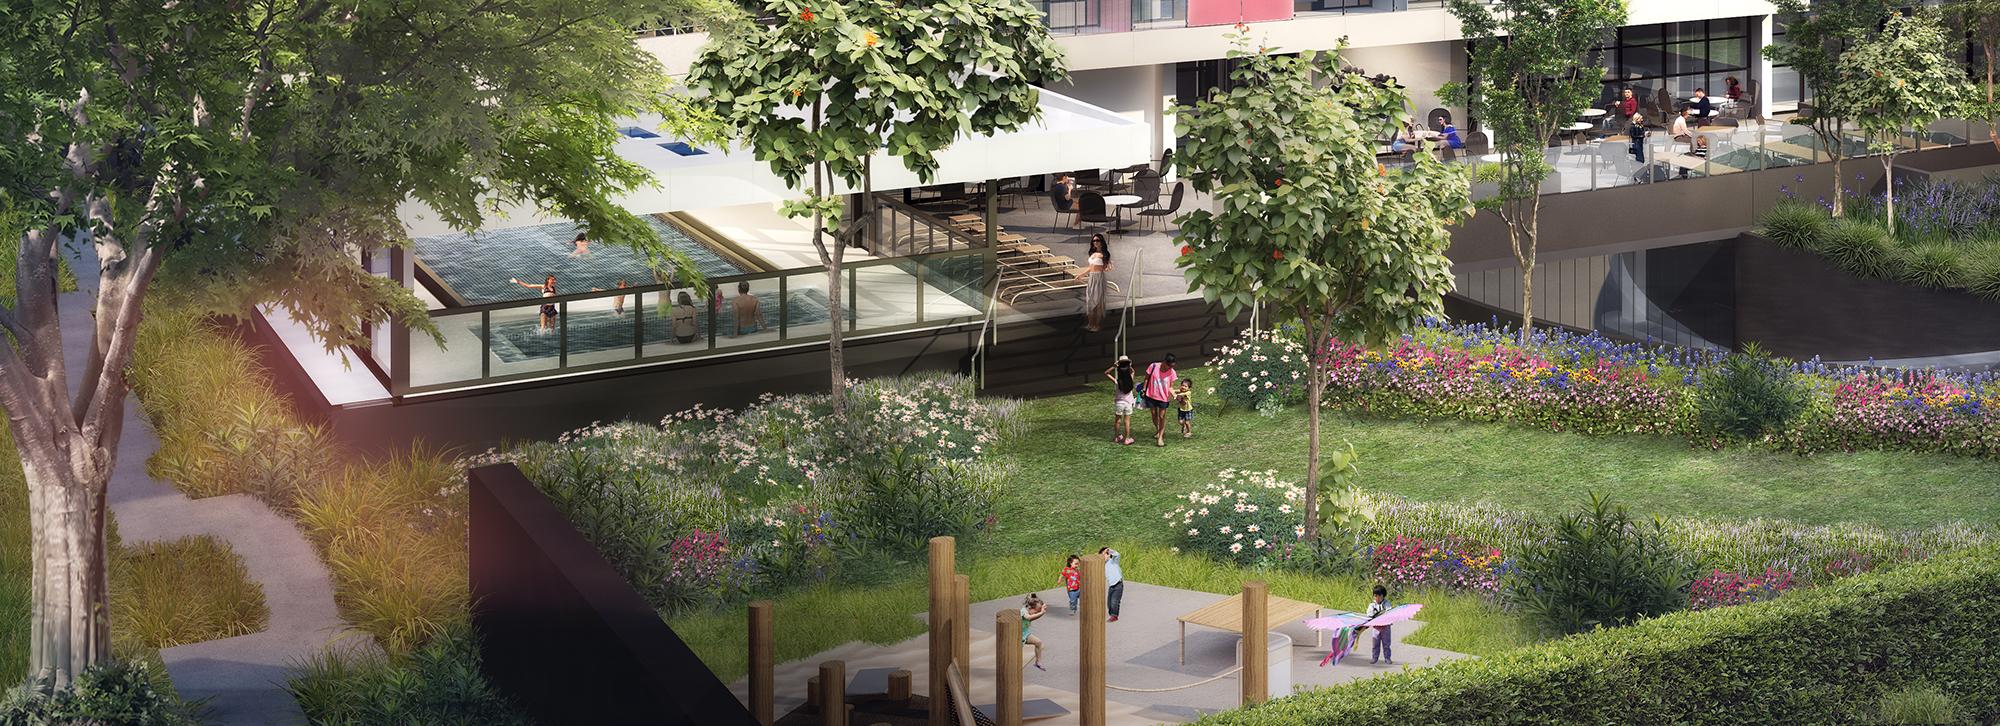 Children's Playground in Landscaped Garden